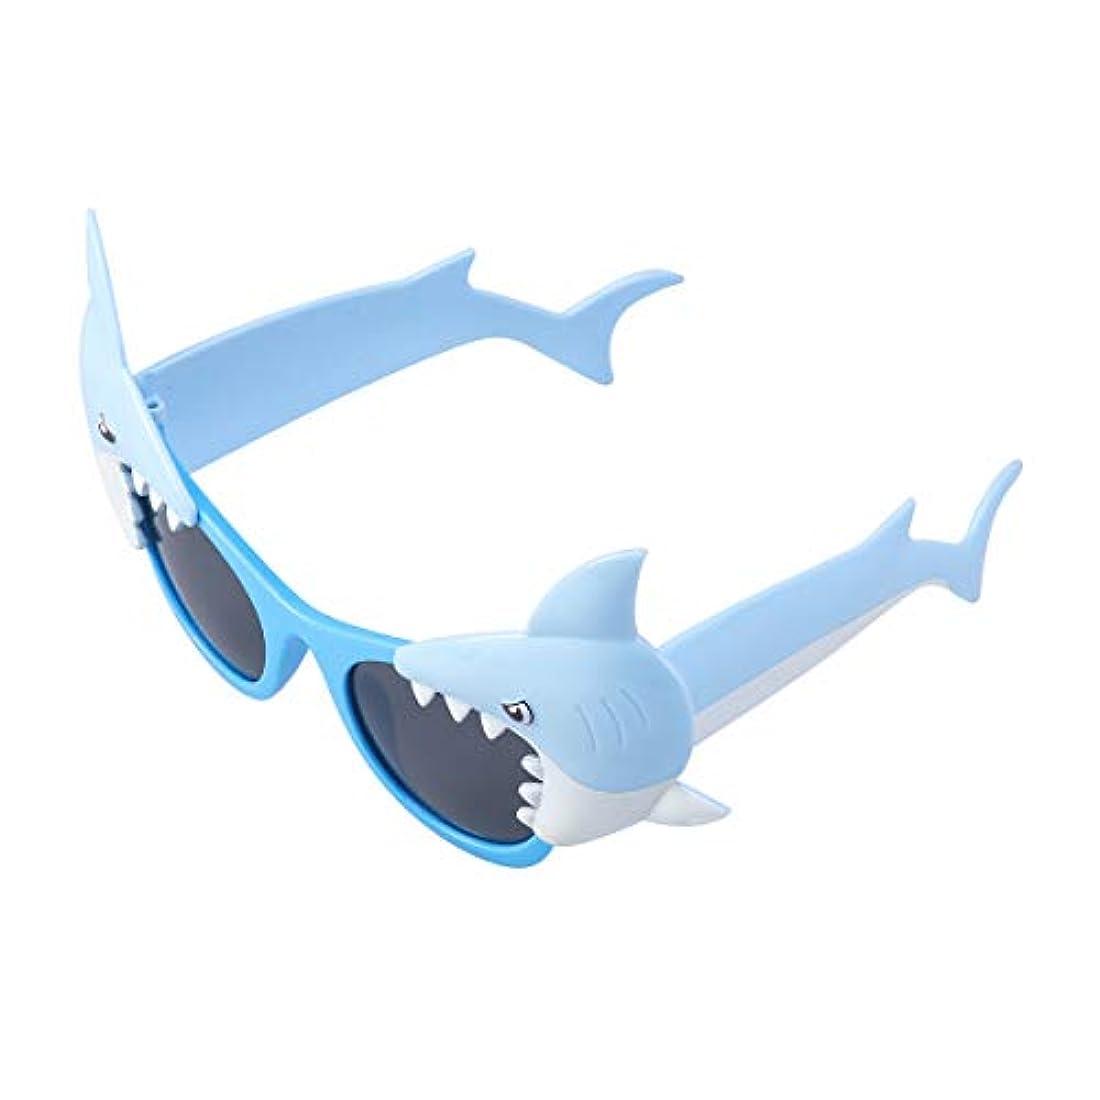 ハンドブックコミュニティ爆風BESTOYARD パーティーサングラスサメの形ノベルティおかしい眼鏡用仮装トリックパーティーコスチューム小道具